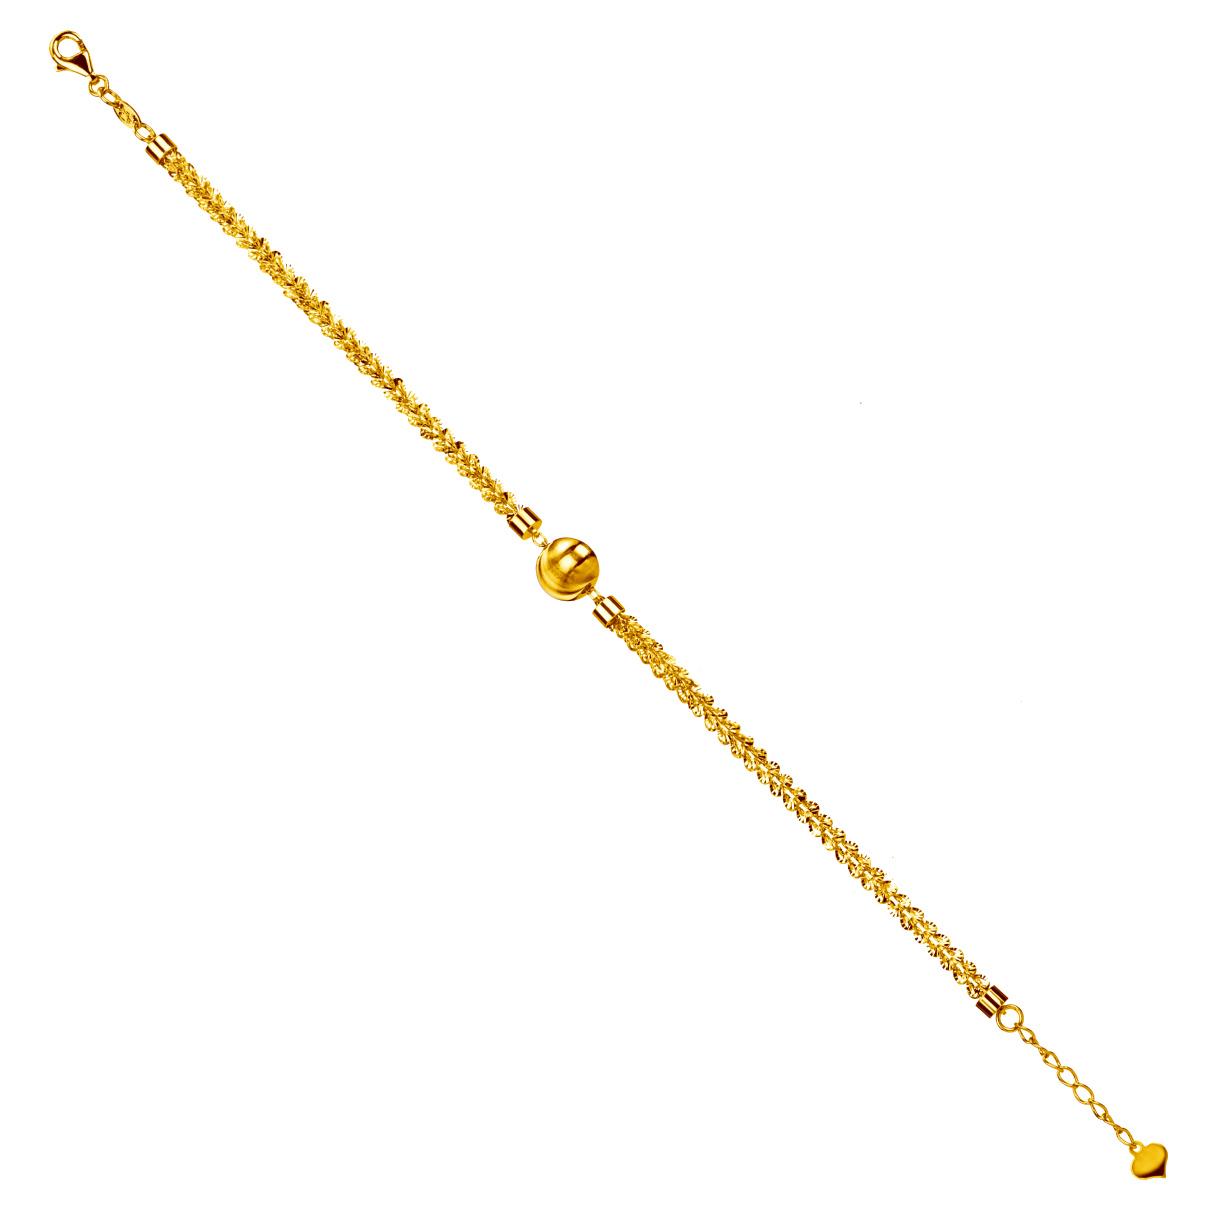 Goldstyle「晶型」手链